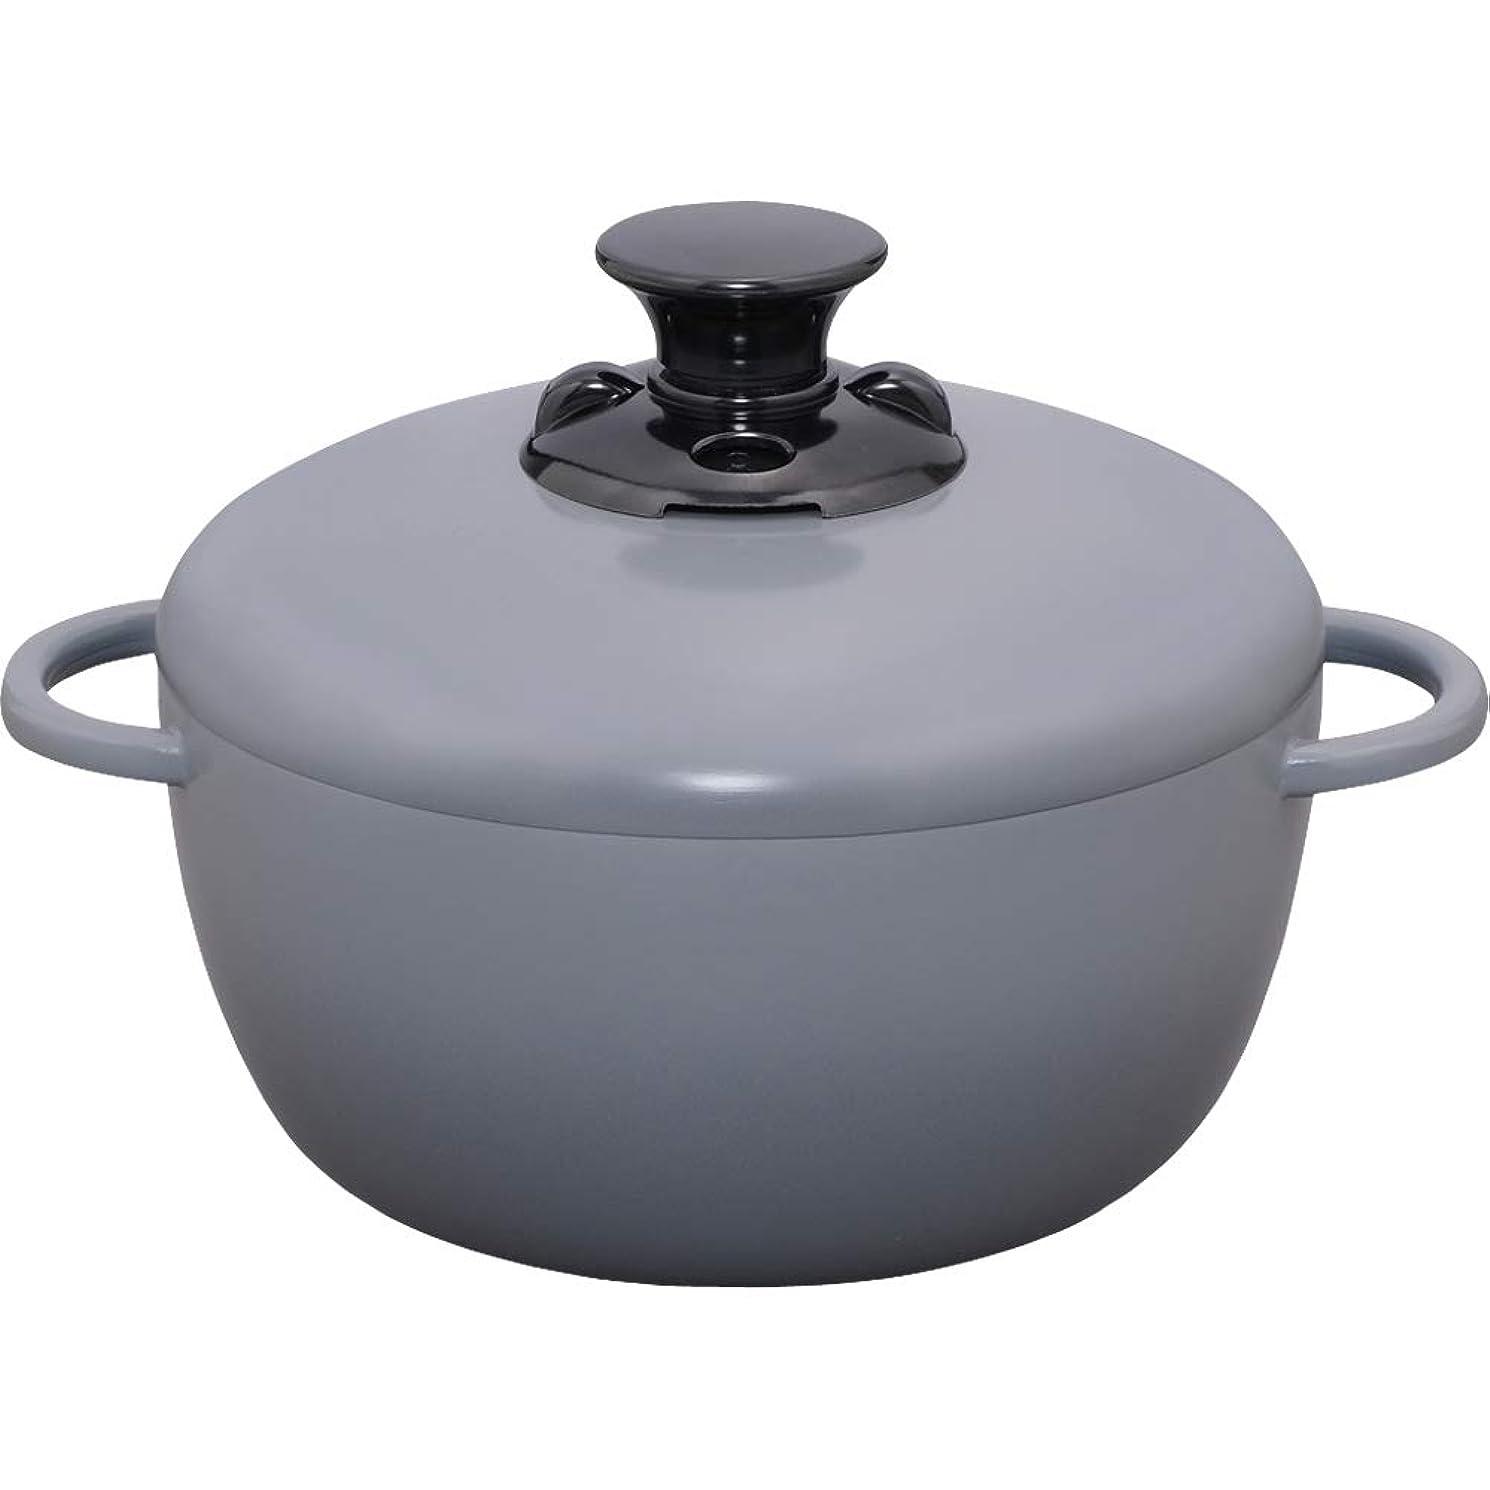 幻想的サーバント入力アイリスオーヤマ 鍋 IH 対応 20cm 深型 両手鍋 無加水鍋 グレー GMKS-20D